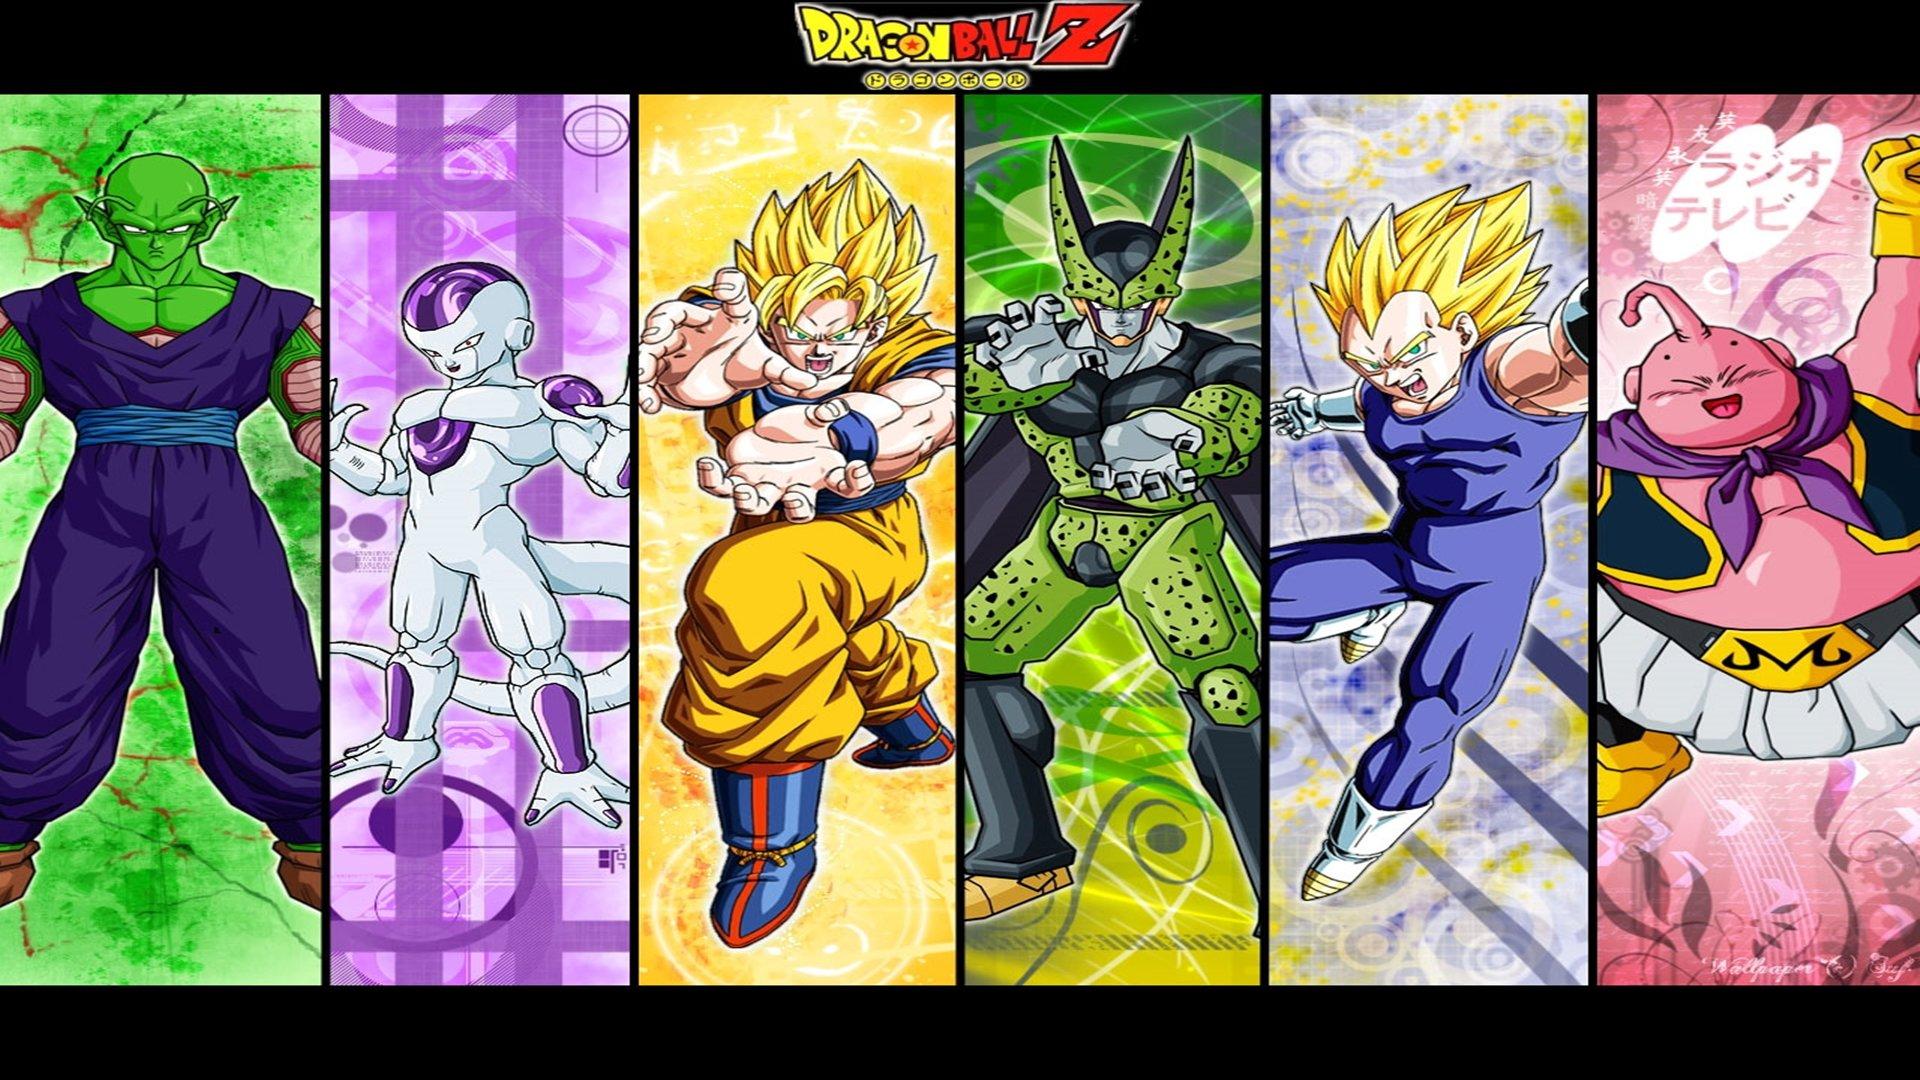 Dragon Ball Z: Budokai Tenkaichi 3 (DBZ BT3) wallpapers HD